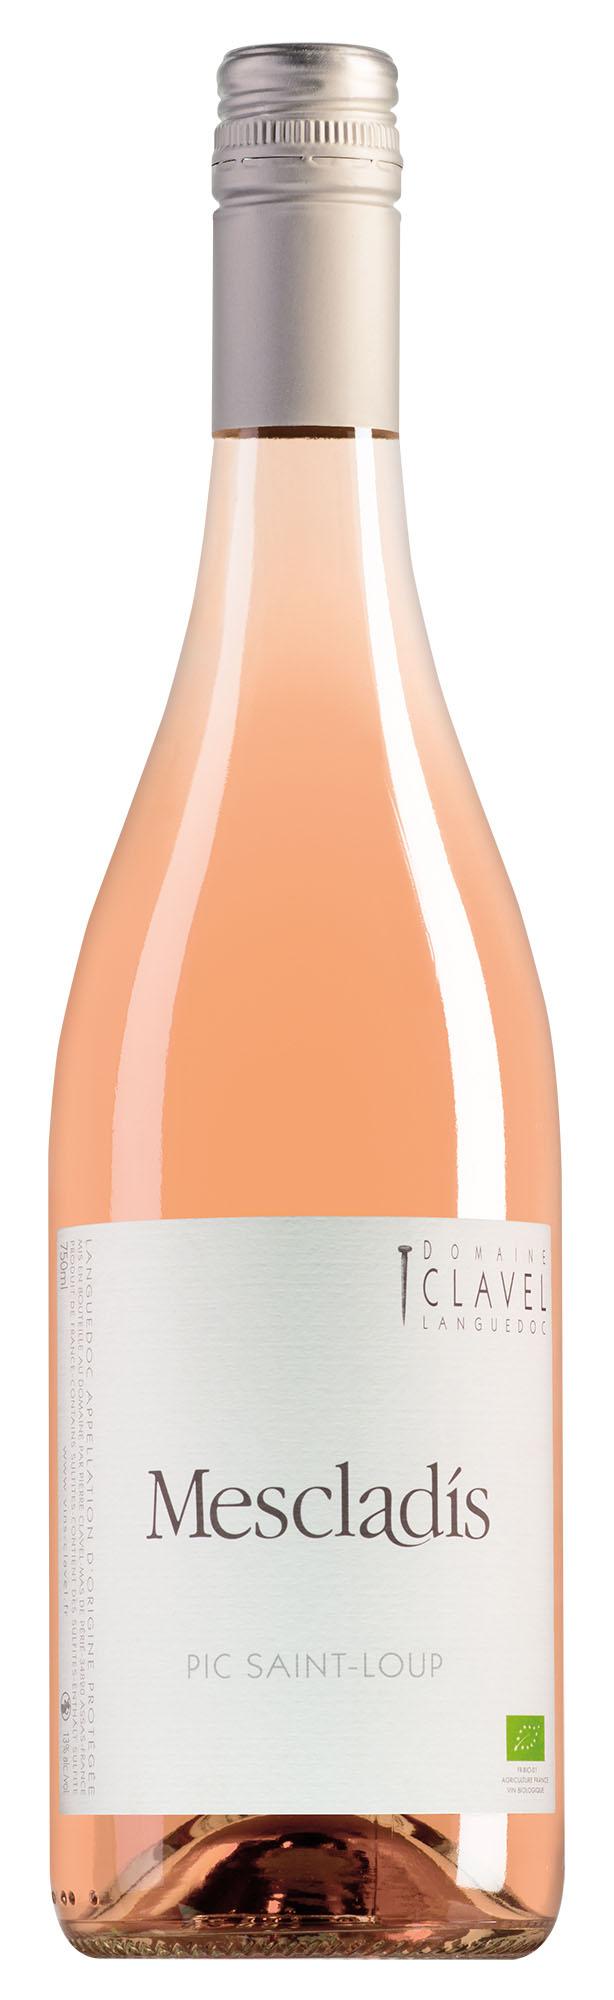 Domaine Clavel Pic Saint-Loup Mescladis rosé